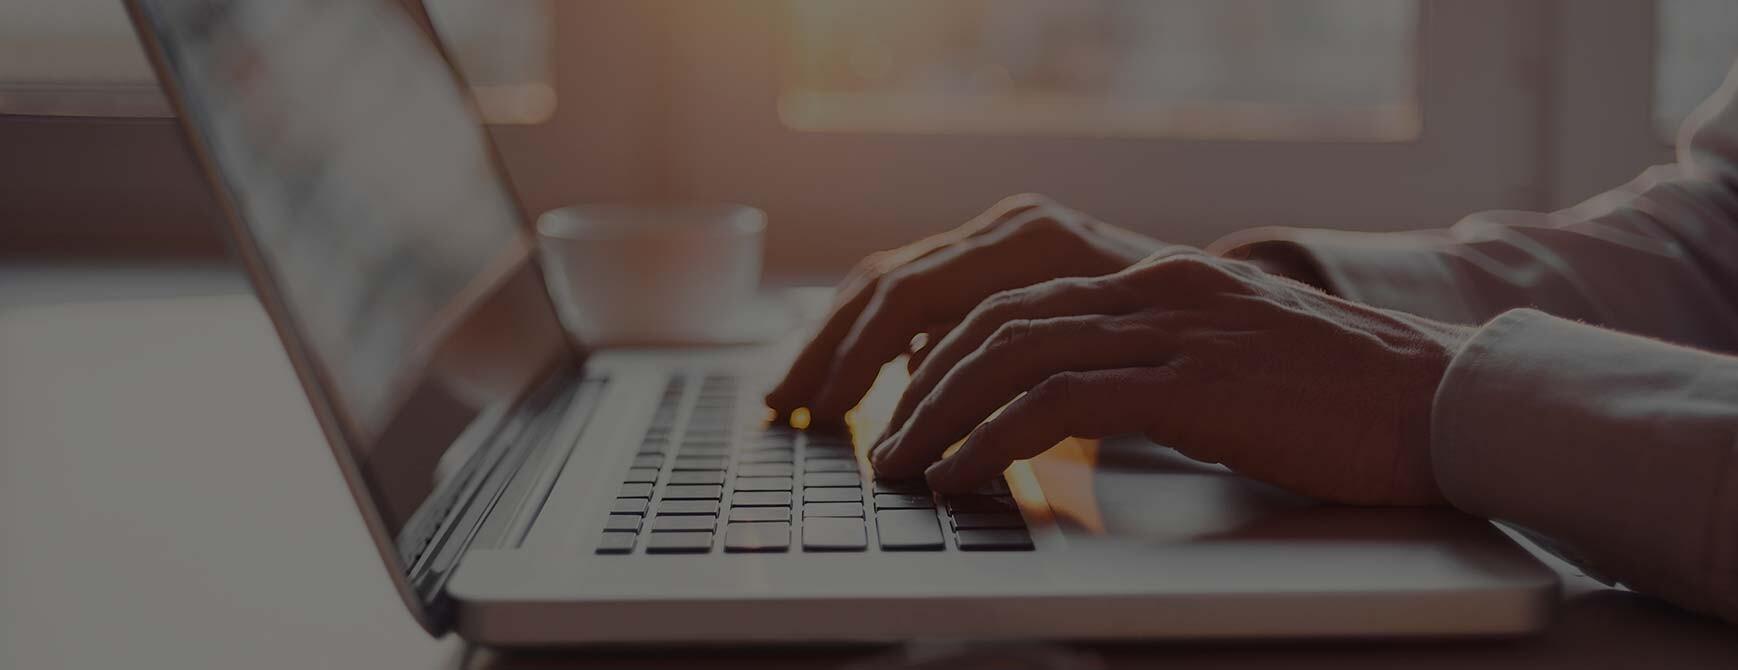 AMU online - tag kurset hjemmefra